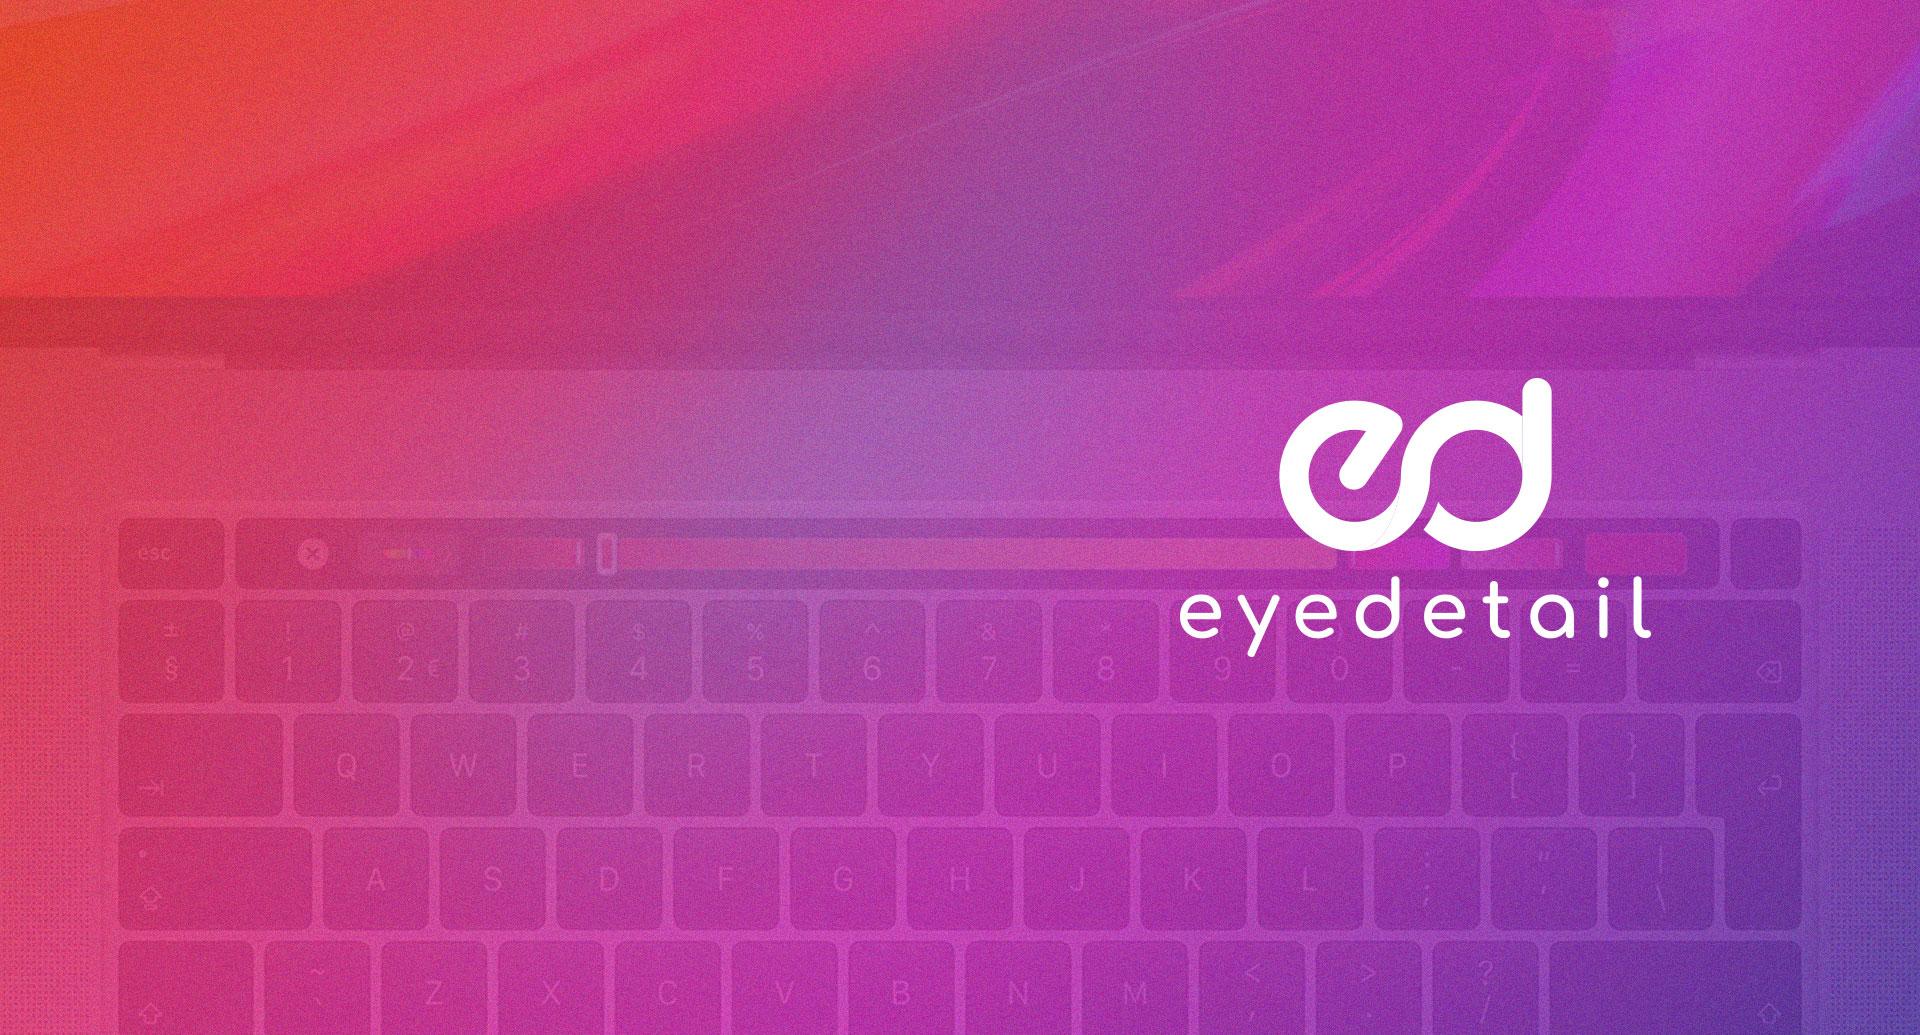 Mediabedrijf-Roosendaal-Eyedetail